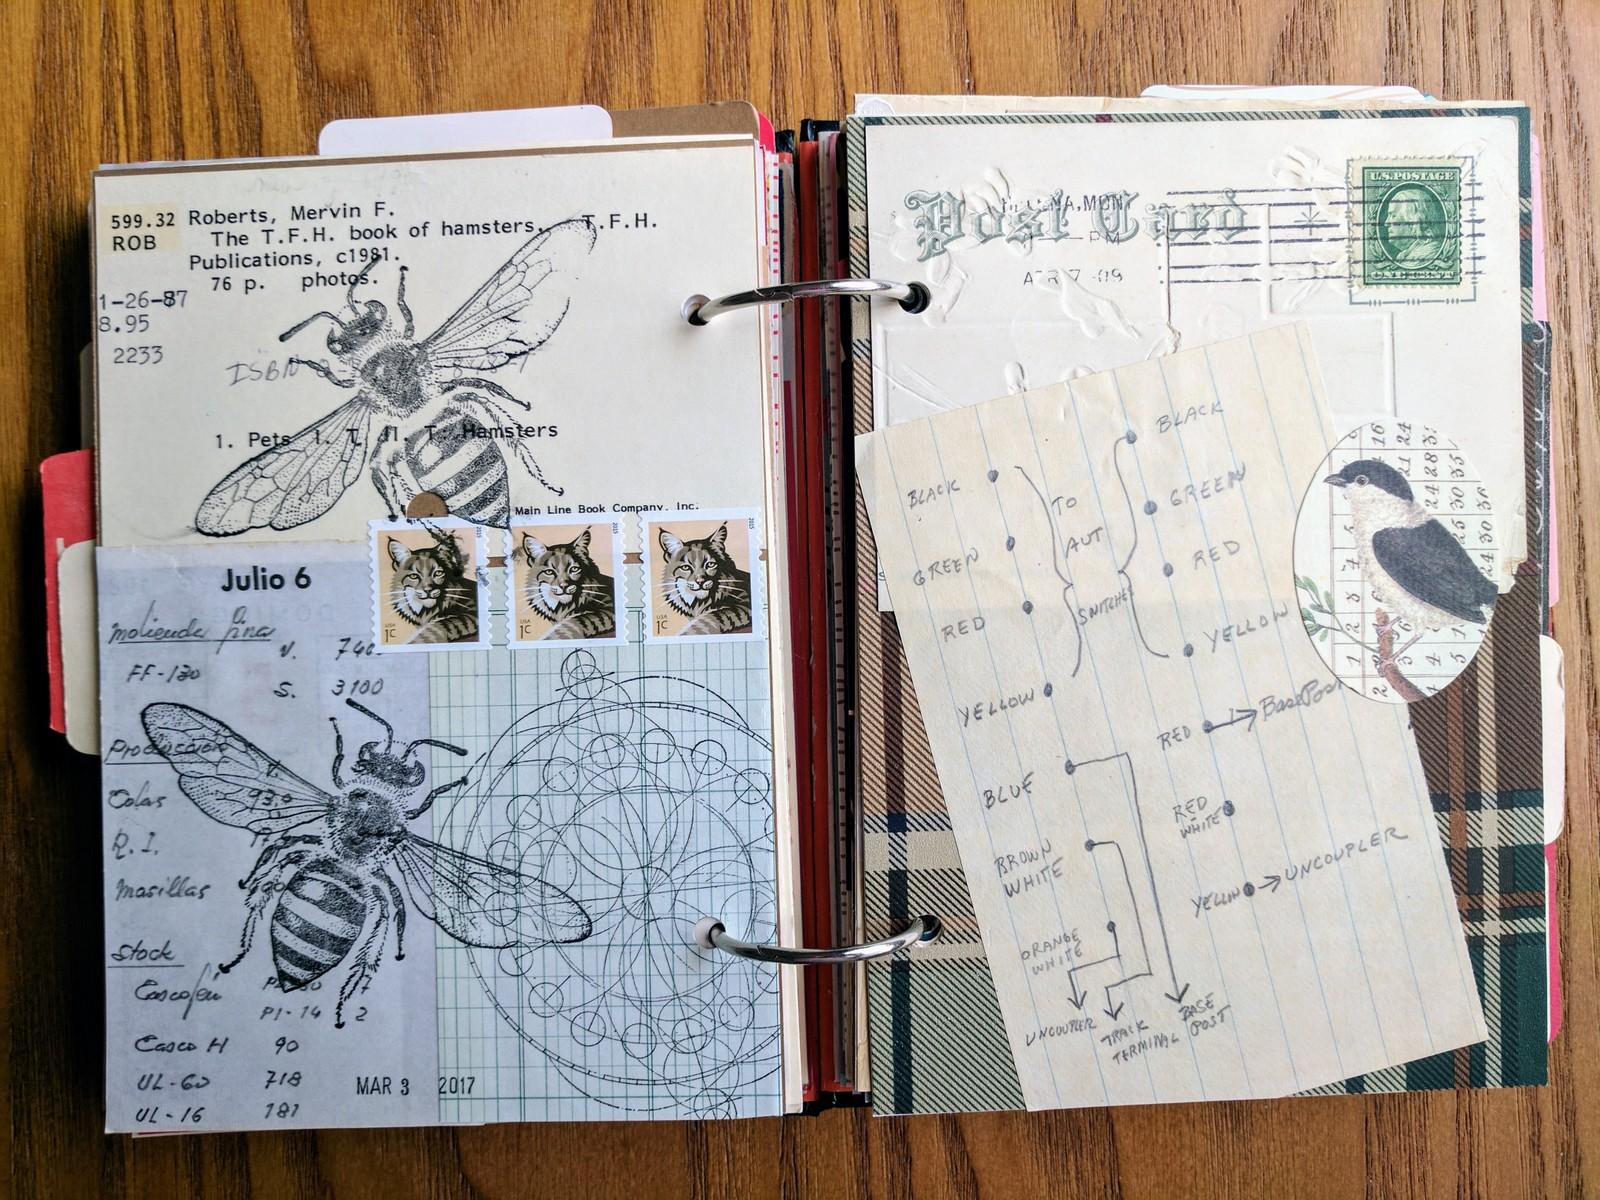 Gluebook